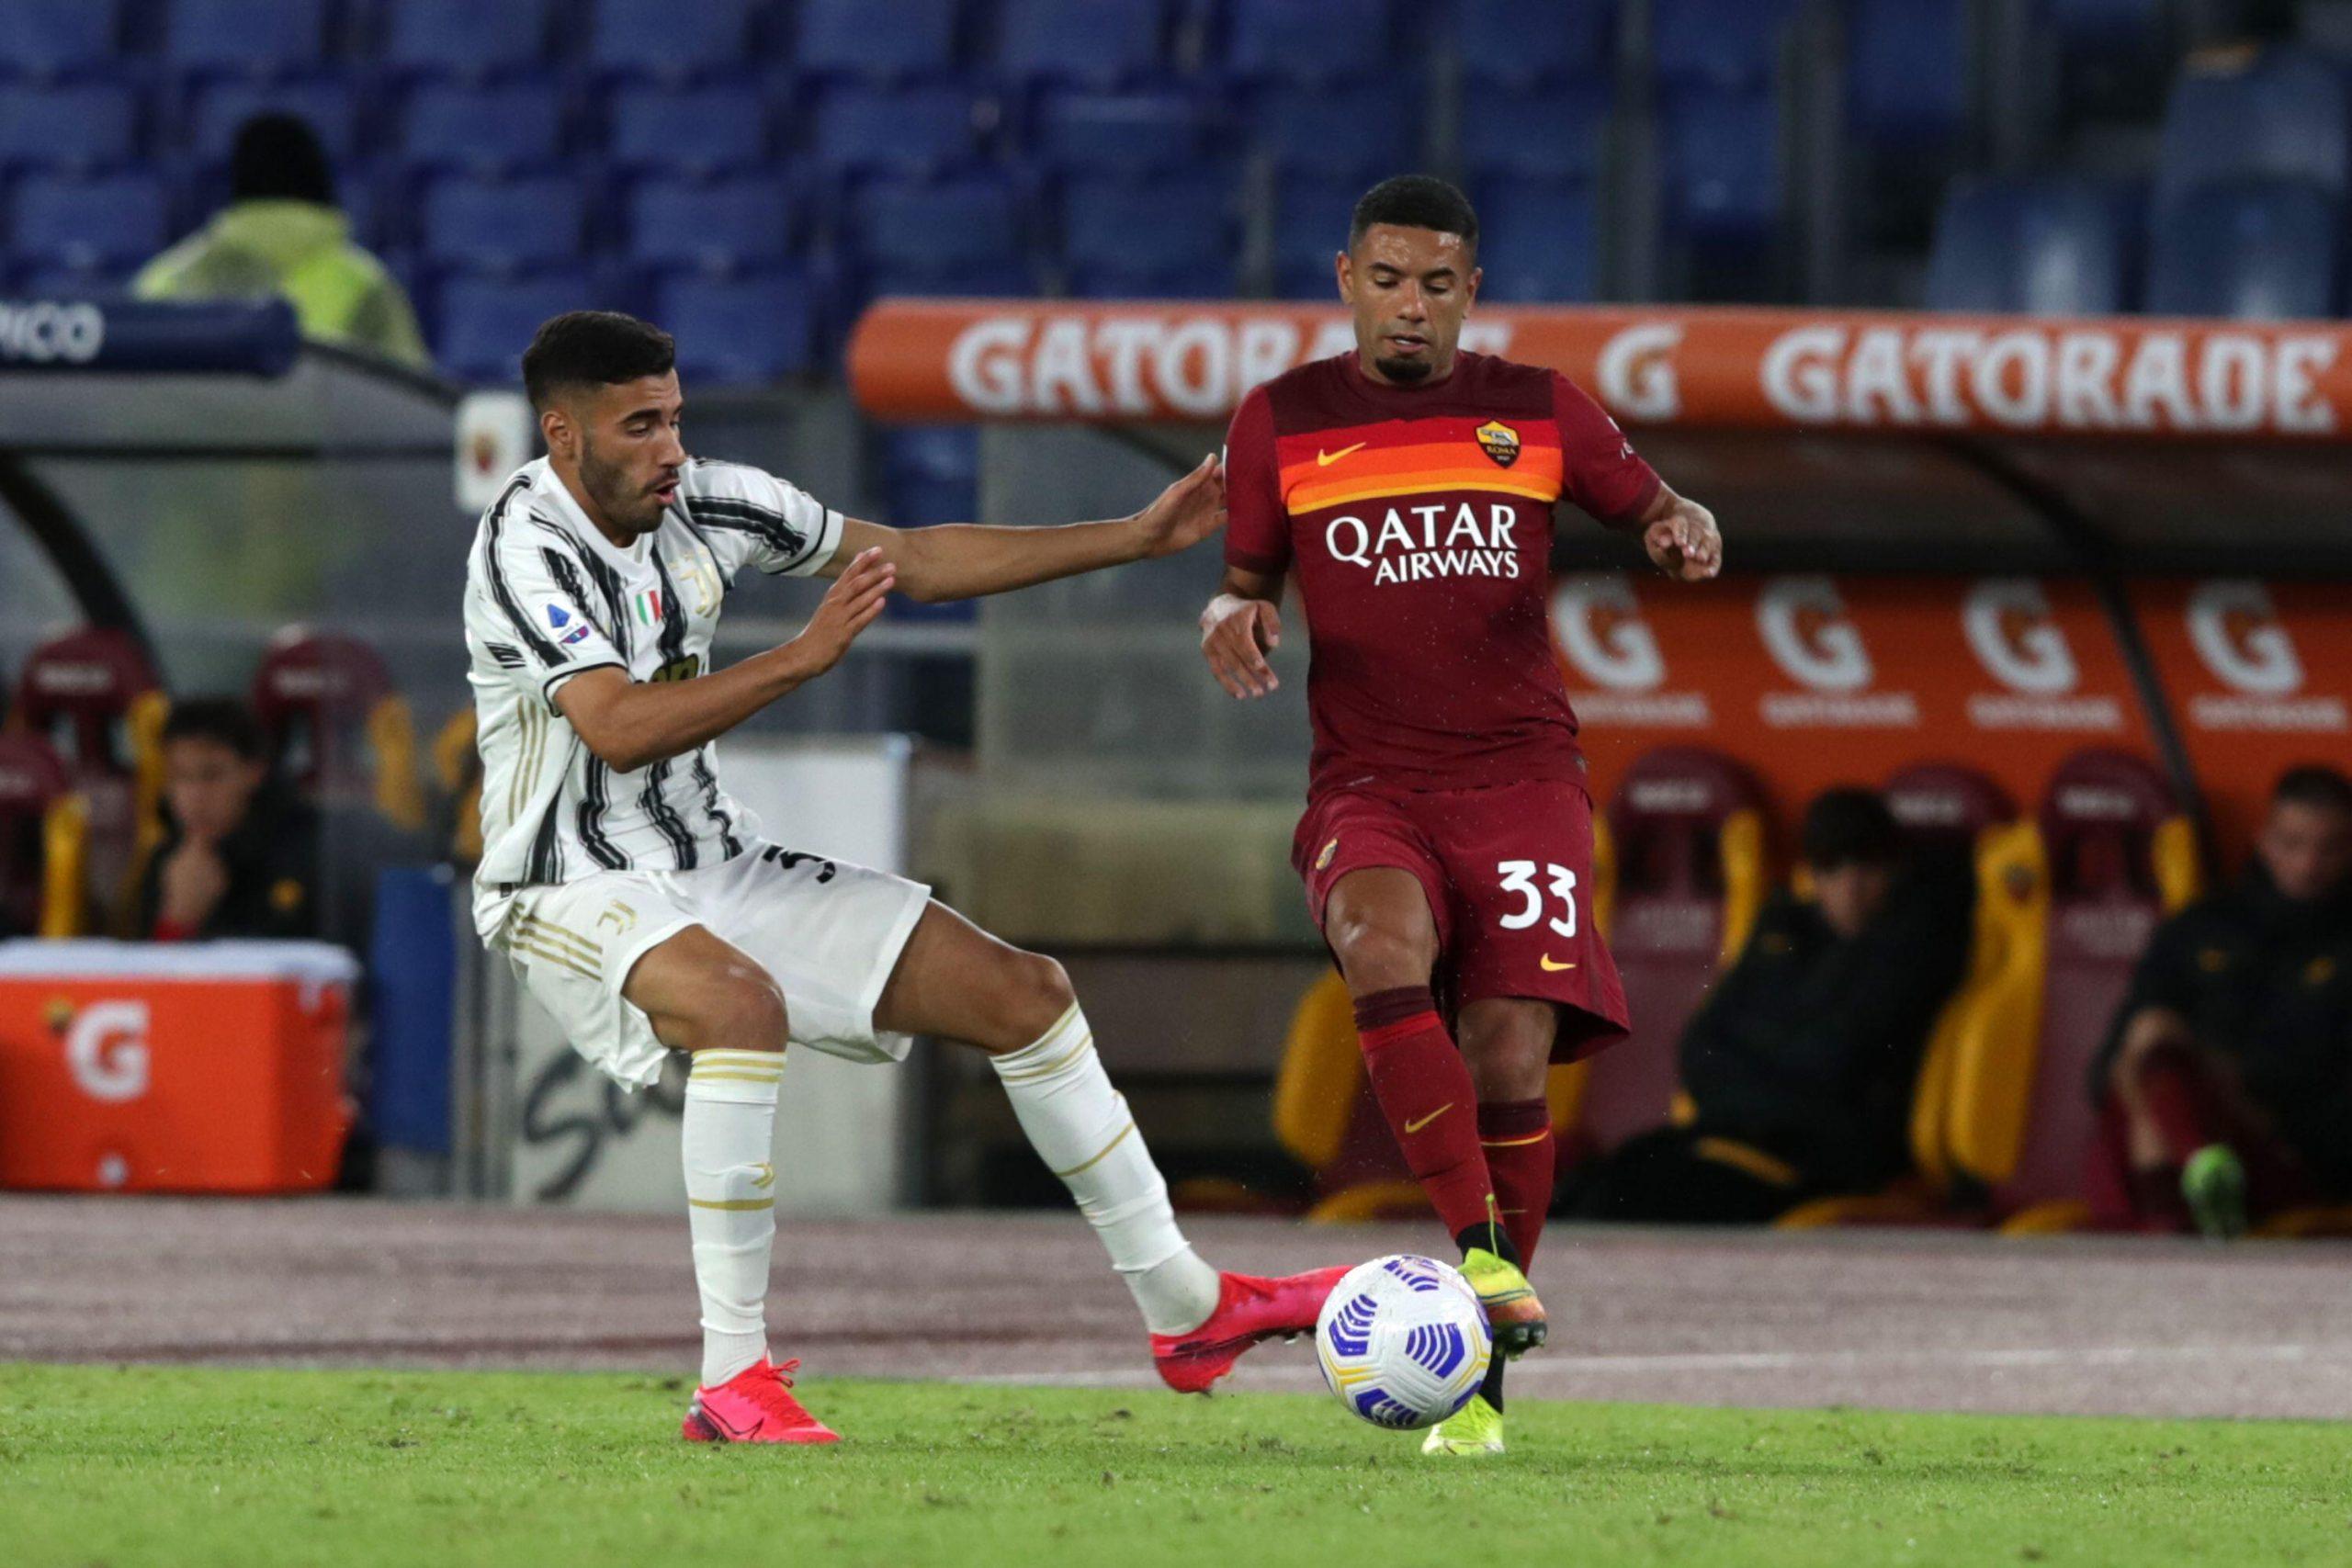 Streama Juventus – Roma: Se live stream & TV (17/10)